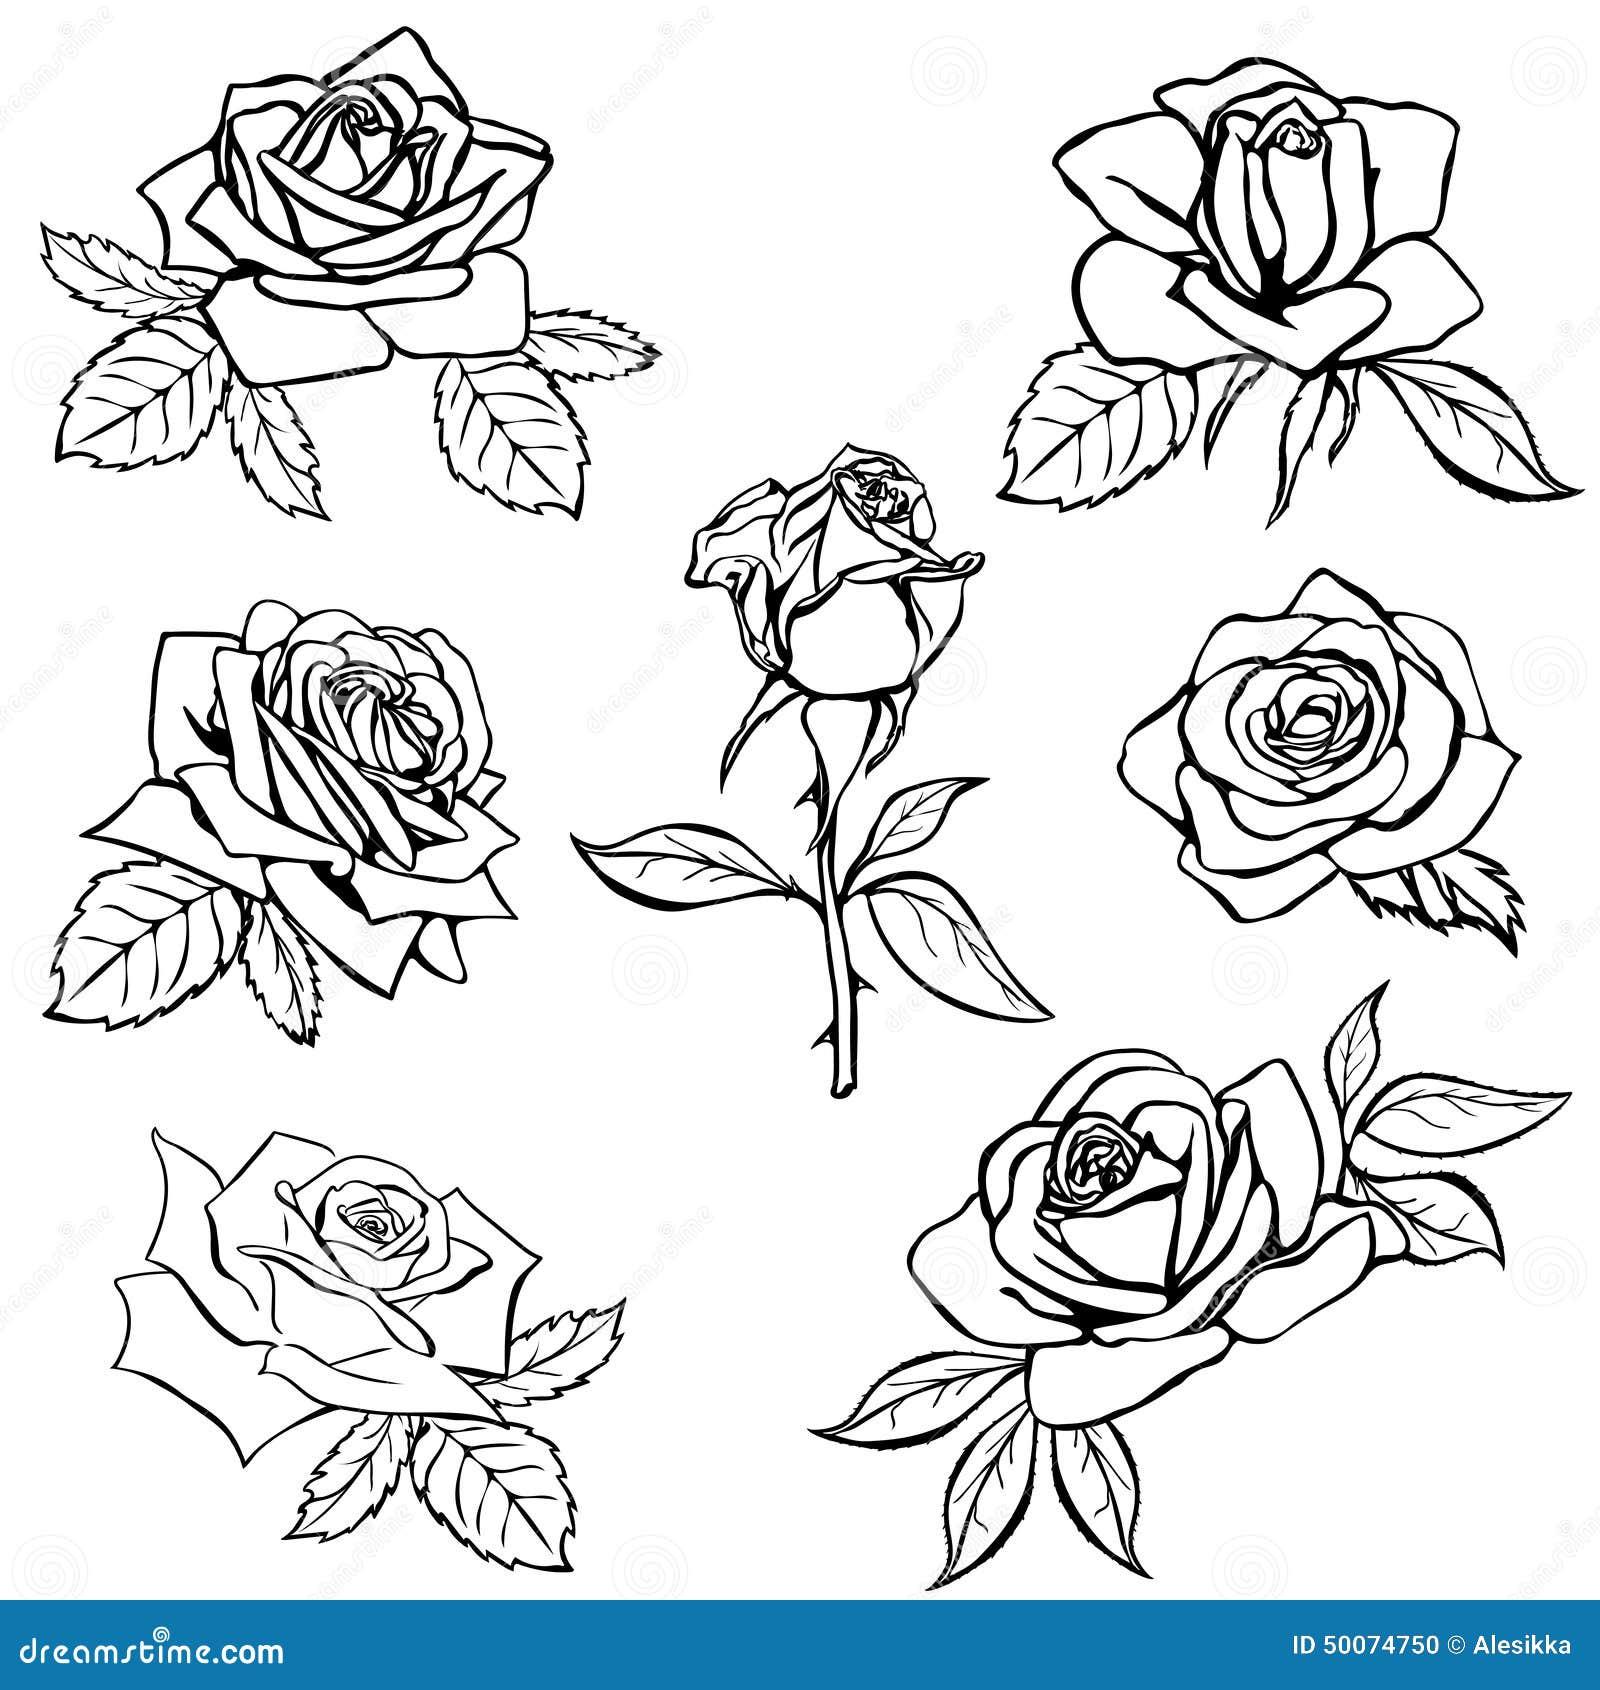 set rose sketch stock vector illustration of outline 50074750. Black Bedroom Furniture Sets. Home Design Ideas